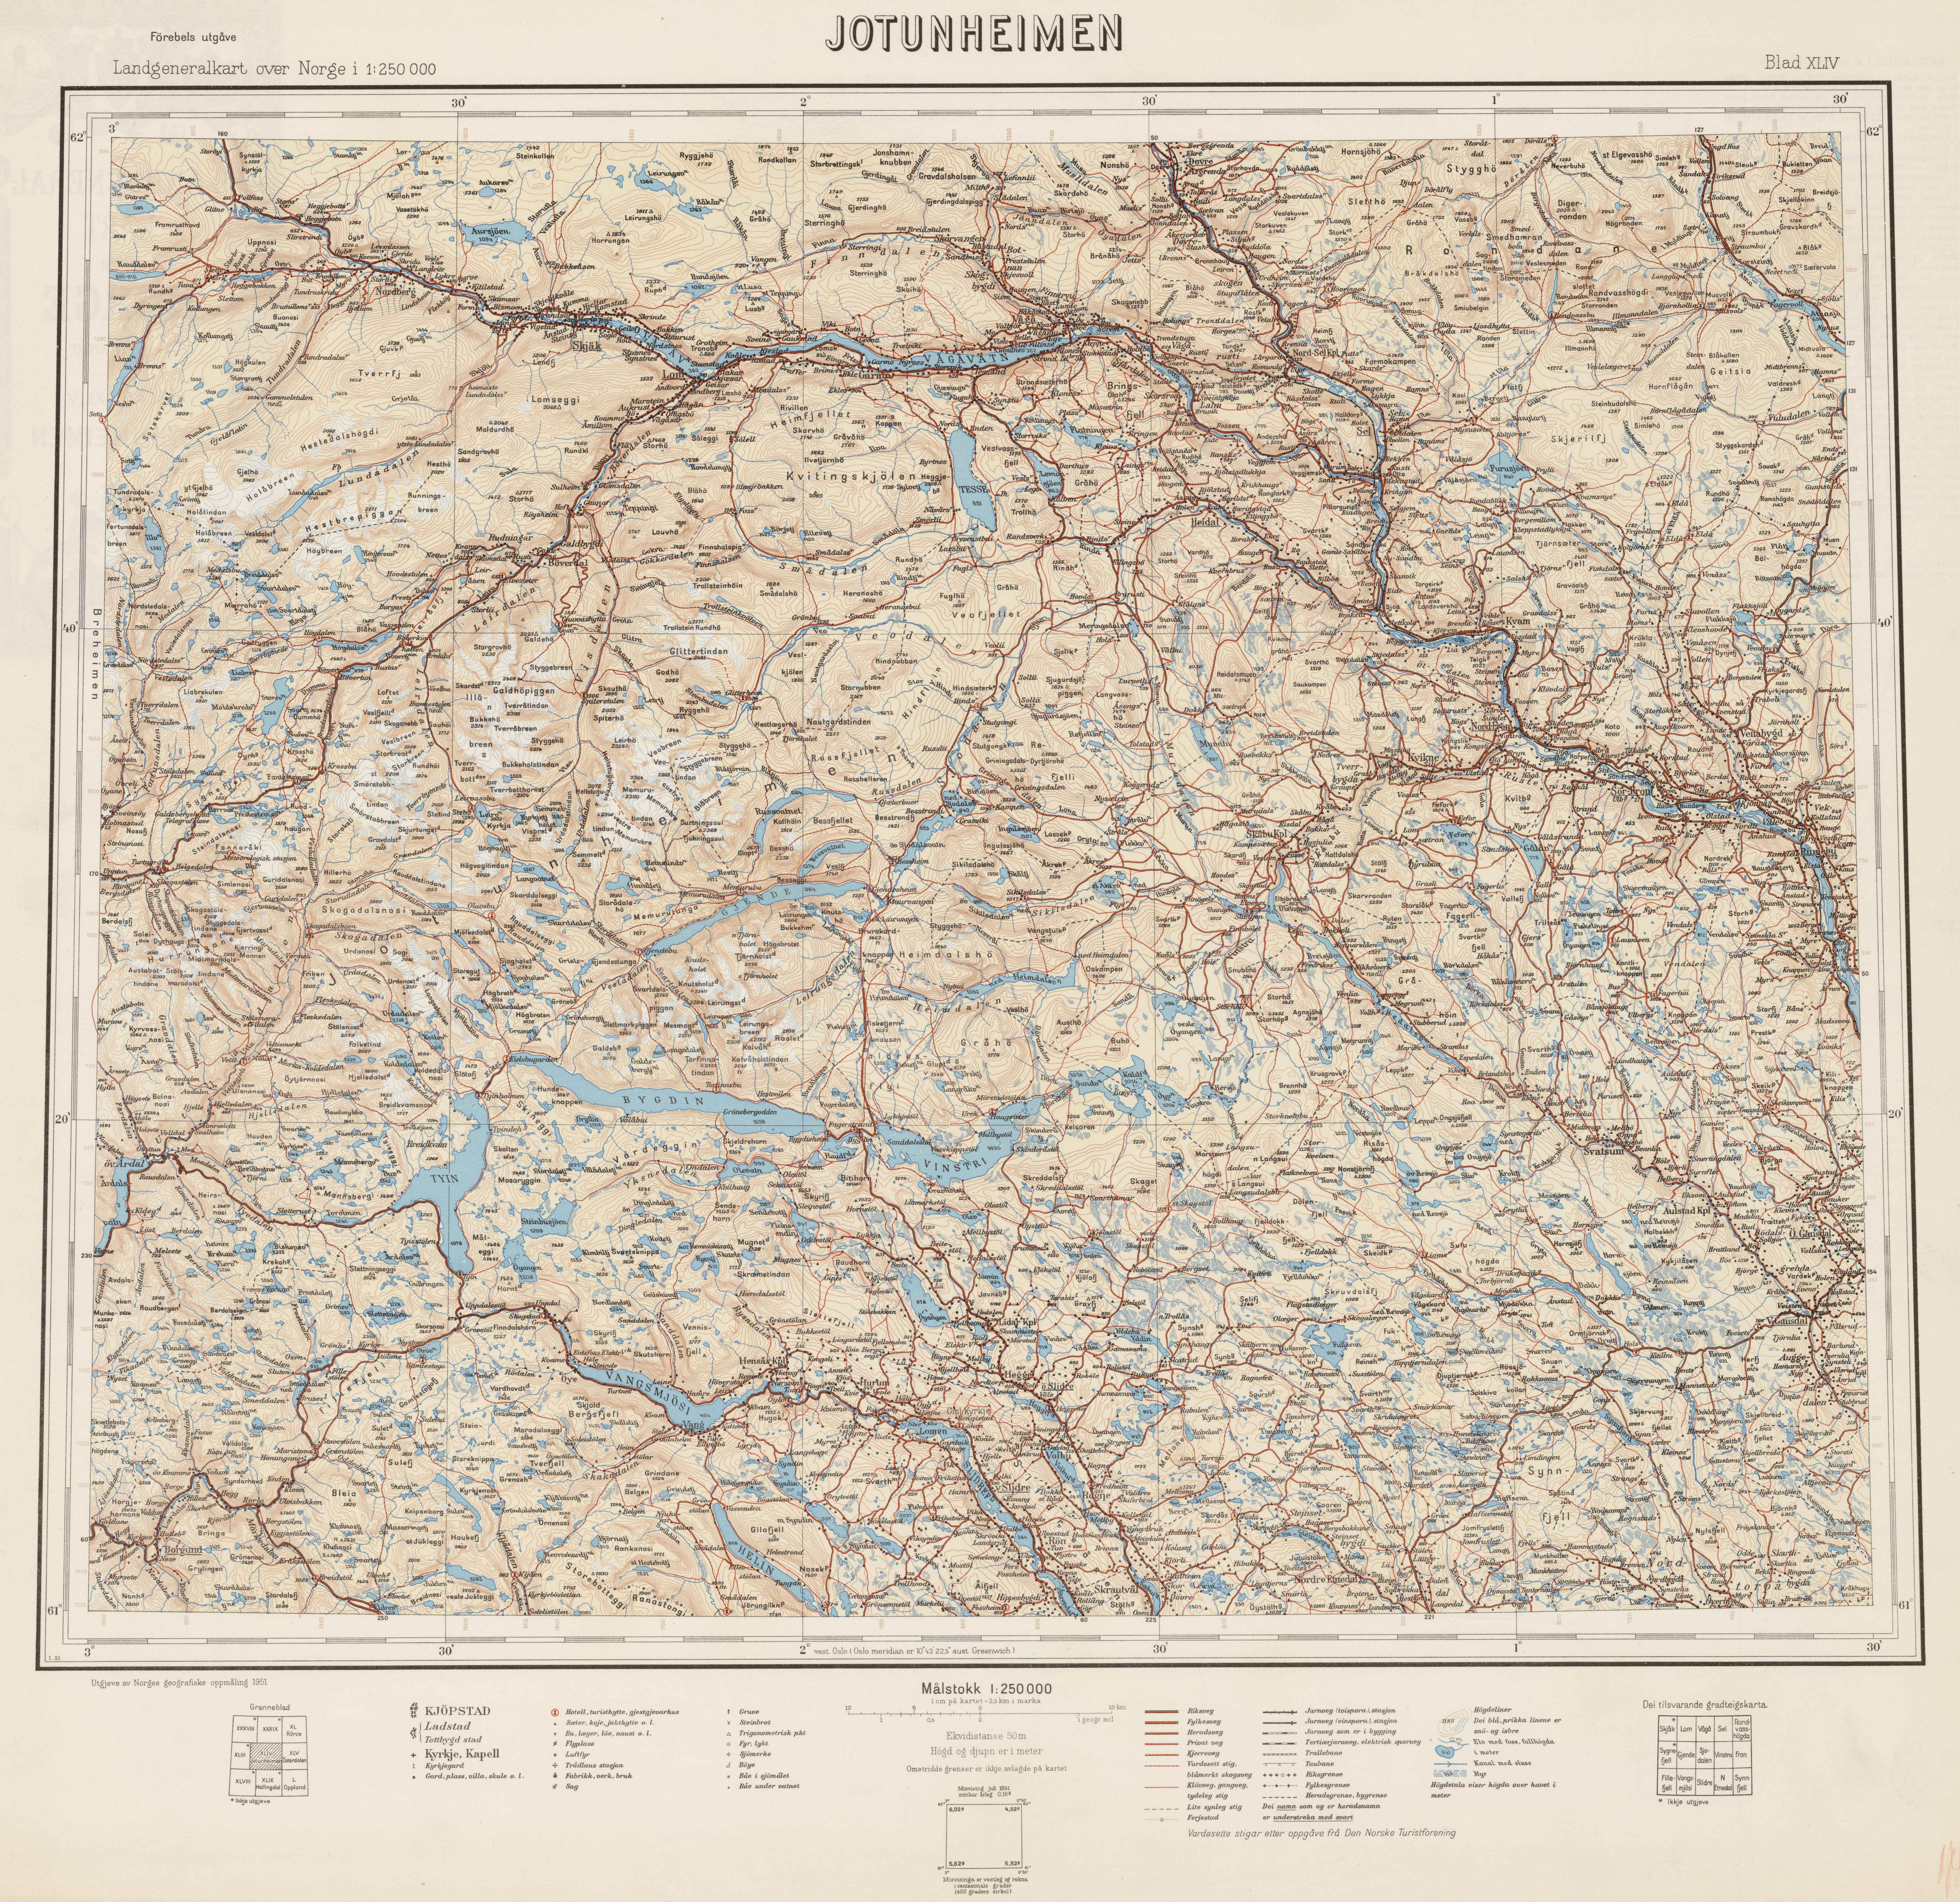 time kyrkje kart File:Landgeneralkart 44, Jotunheimen, 1951.   Wikimedia Commons time kyrkje kart